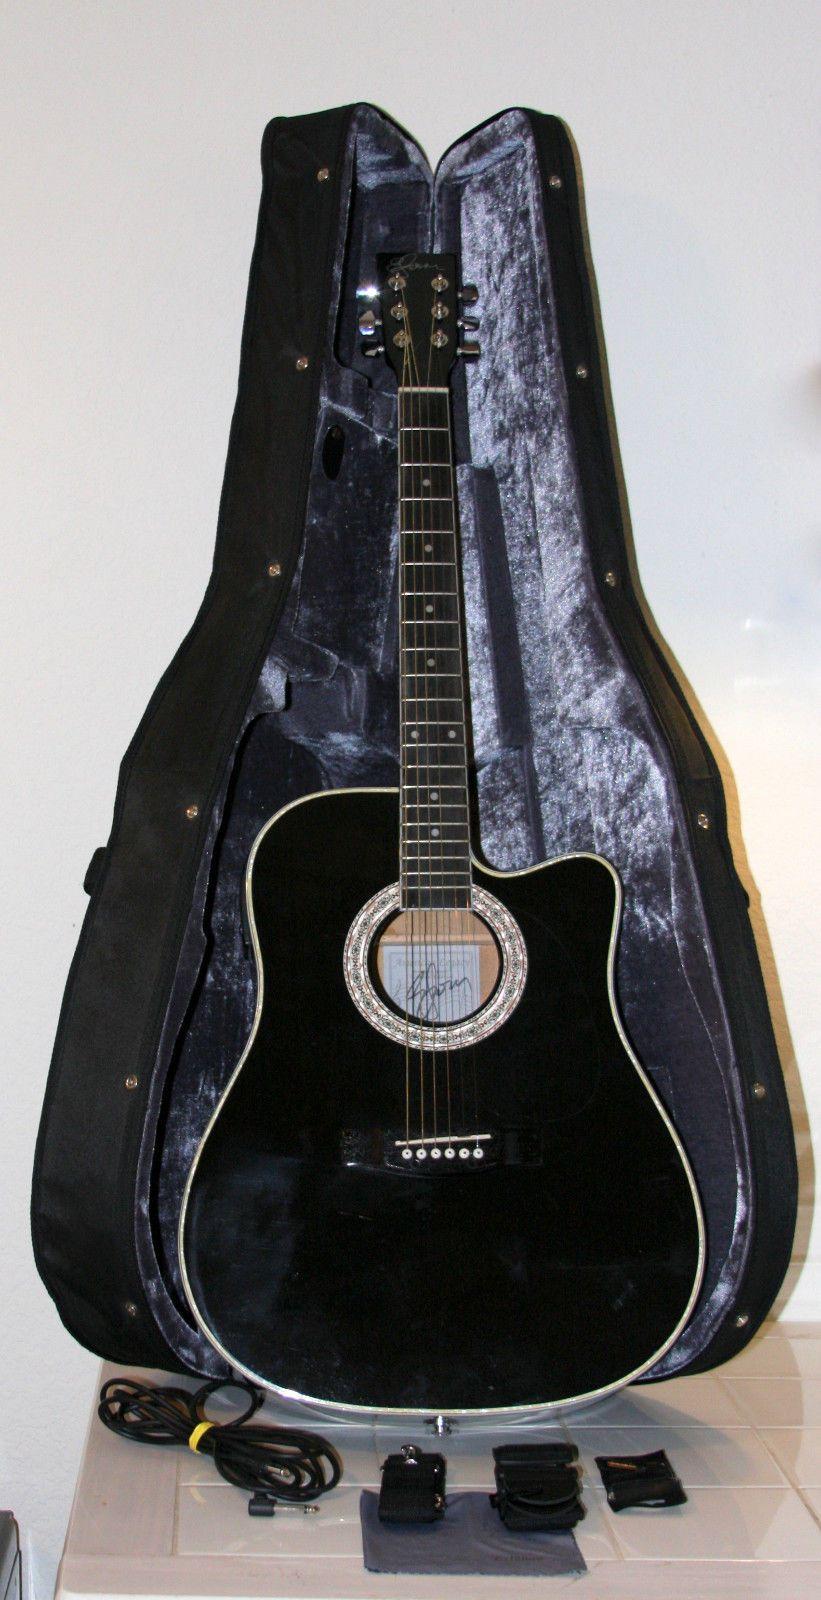 Esteban Guitar : esteban, guitar, Esteban, Acoustic, Electric, Guitar, Guitar,